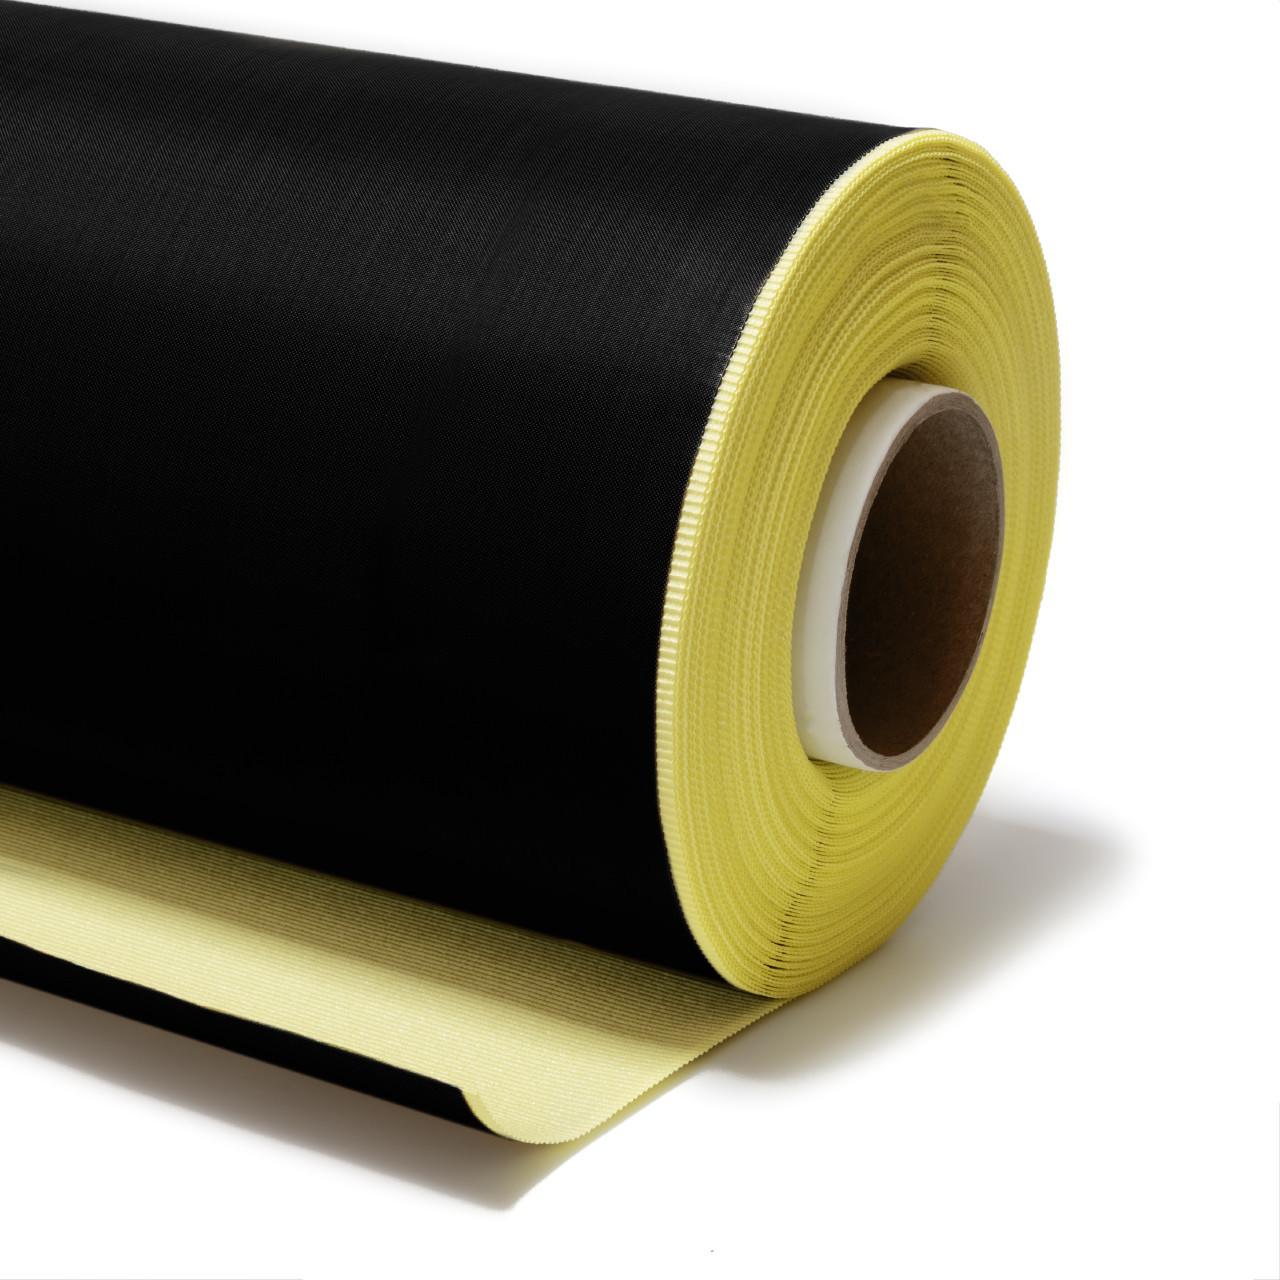 Тефлоновая лента самоклеющаяся толщина 0.125 мм с антистатиком